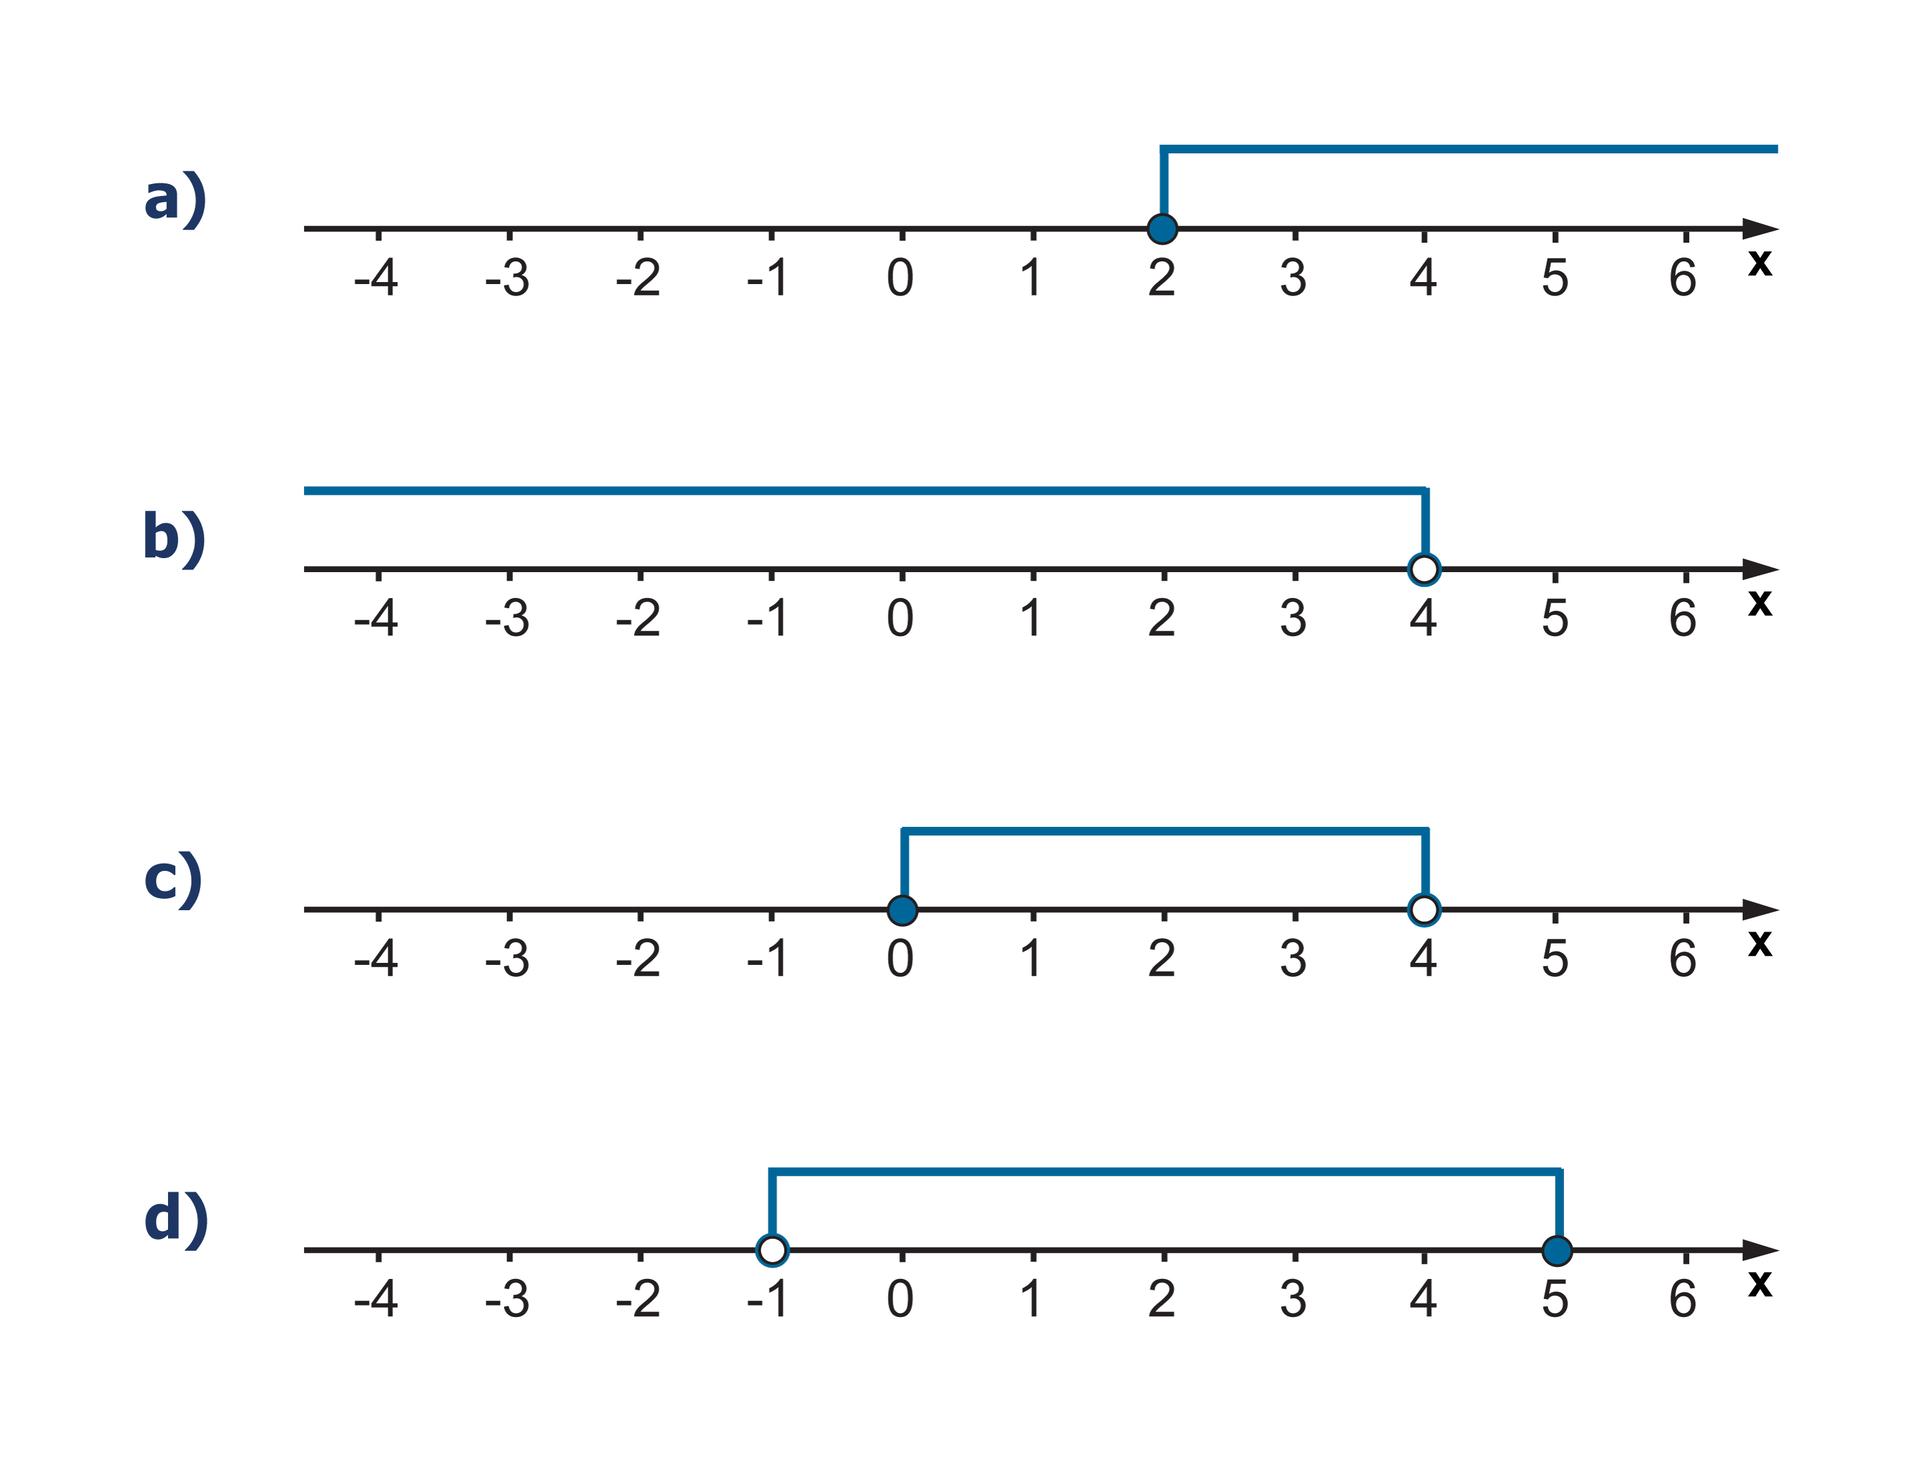 Rysunki osi liczbowych. Na pierwszej osi zamalowane kółko wpunkcie owspółrzędnych 2. Zaznaczone wszystkie liczby wprawo od 2. Na drugiej osi niezamalowane kółko wpunkcie owspółrzędnych 4. Zaznaczone wszystkie liczby wlewo od 4. Na trzeciej osi zamalowane kółko punkcie owspółrzędnych 0 iniezamalowane wpunkcie 4. Zaznaczone wszystkie liczby między punktami 0 i4. Na czwartej osi niezamalowane kółko wpunkcie owspółrzędnych -1 izamalowane wpunkcie 5. Zaznaczone wszystkie liczby między punktami -1 i5.